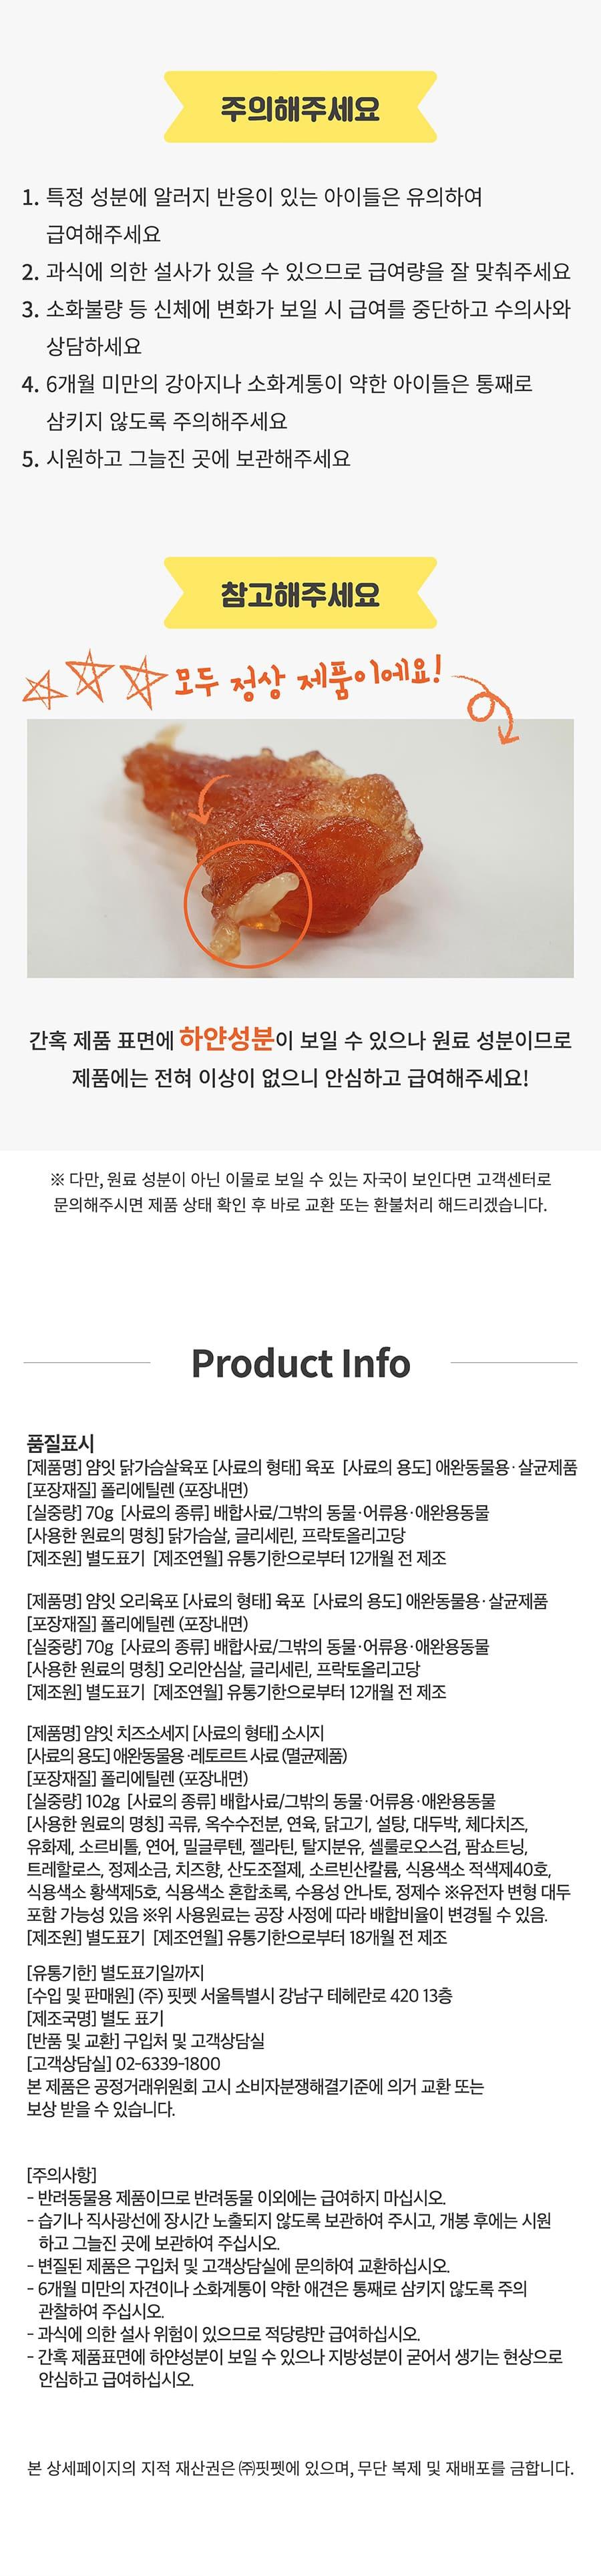 it 얌잇 강아지간식 3종 (닭가슴살육포/오리육포/치즈소세지)-상품이미지-12